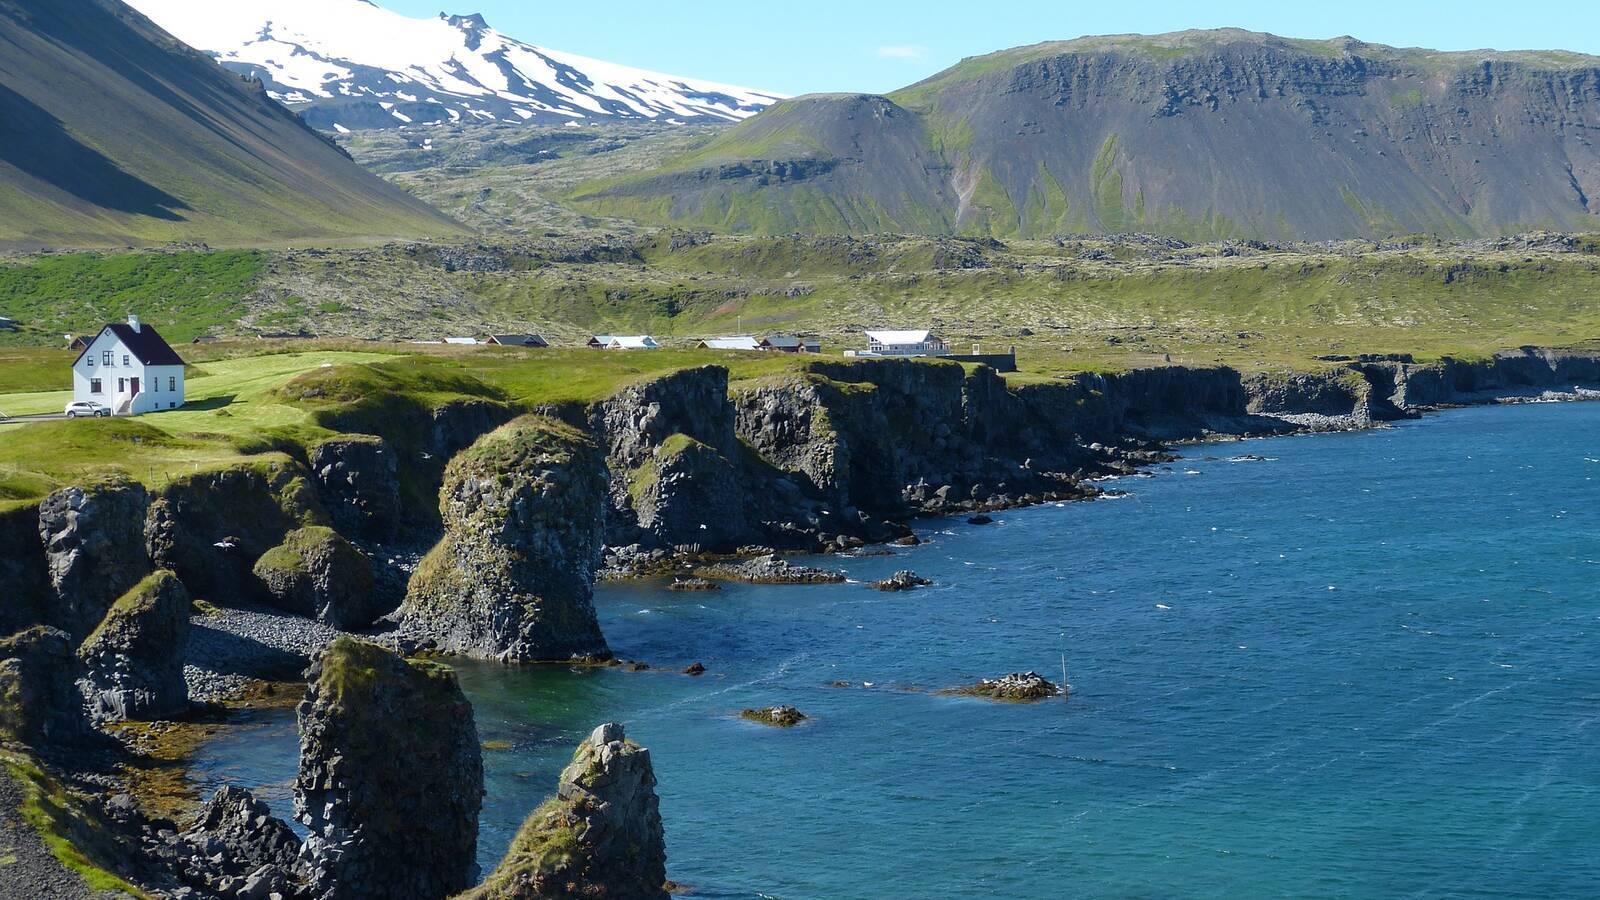 Islande Saefellsnes 1611766_1920 Faco